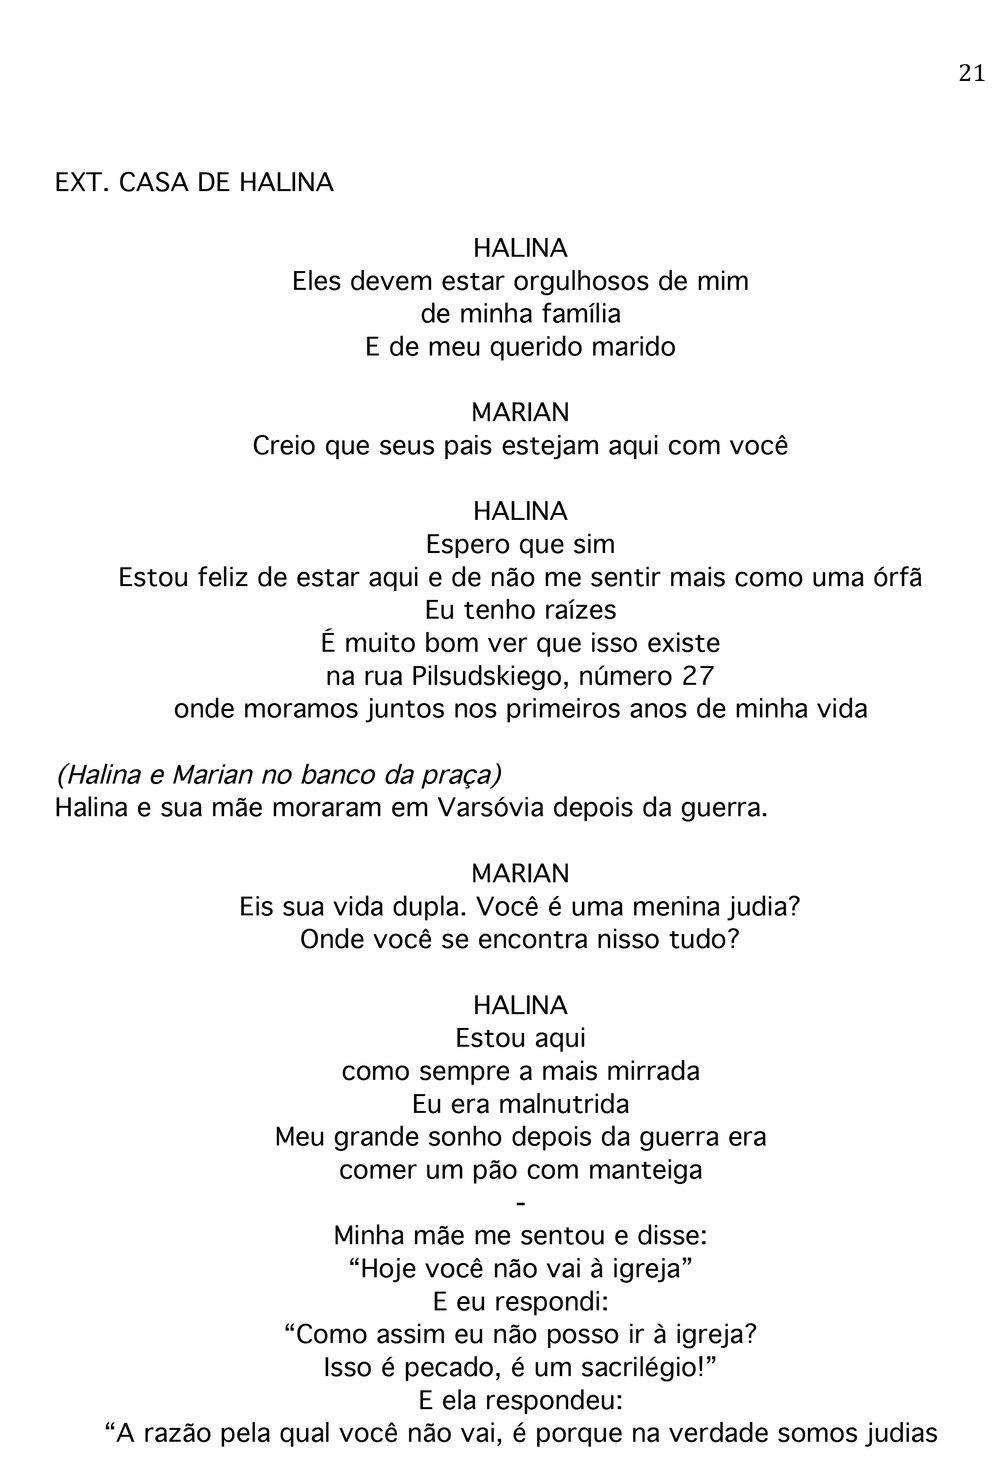 PORTUGUESE-SCRIPT-21.jpg